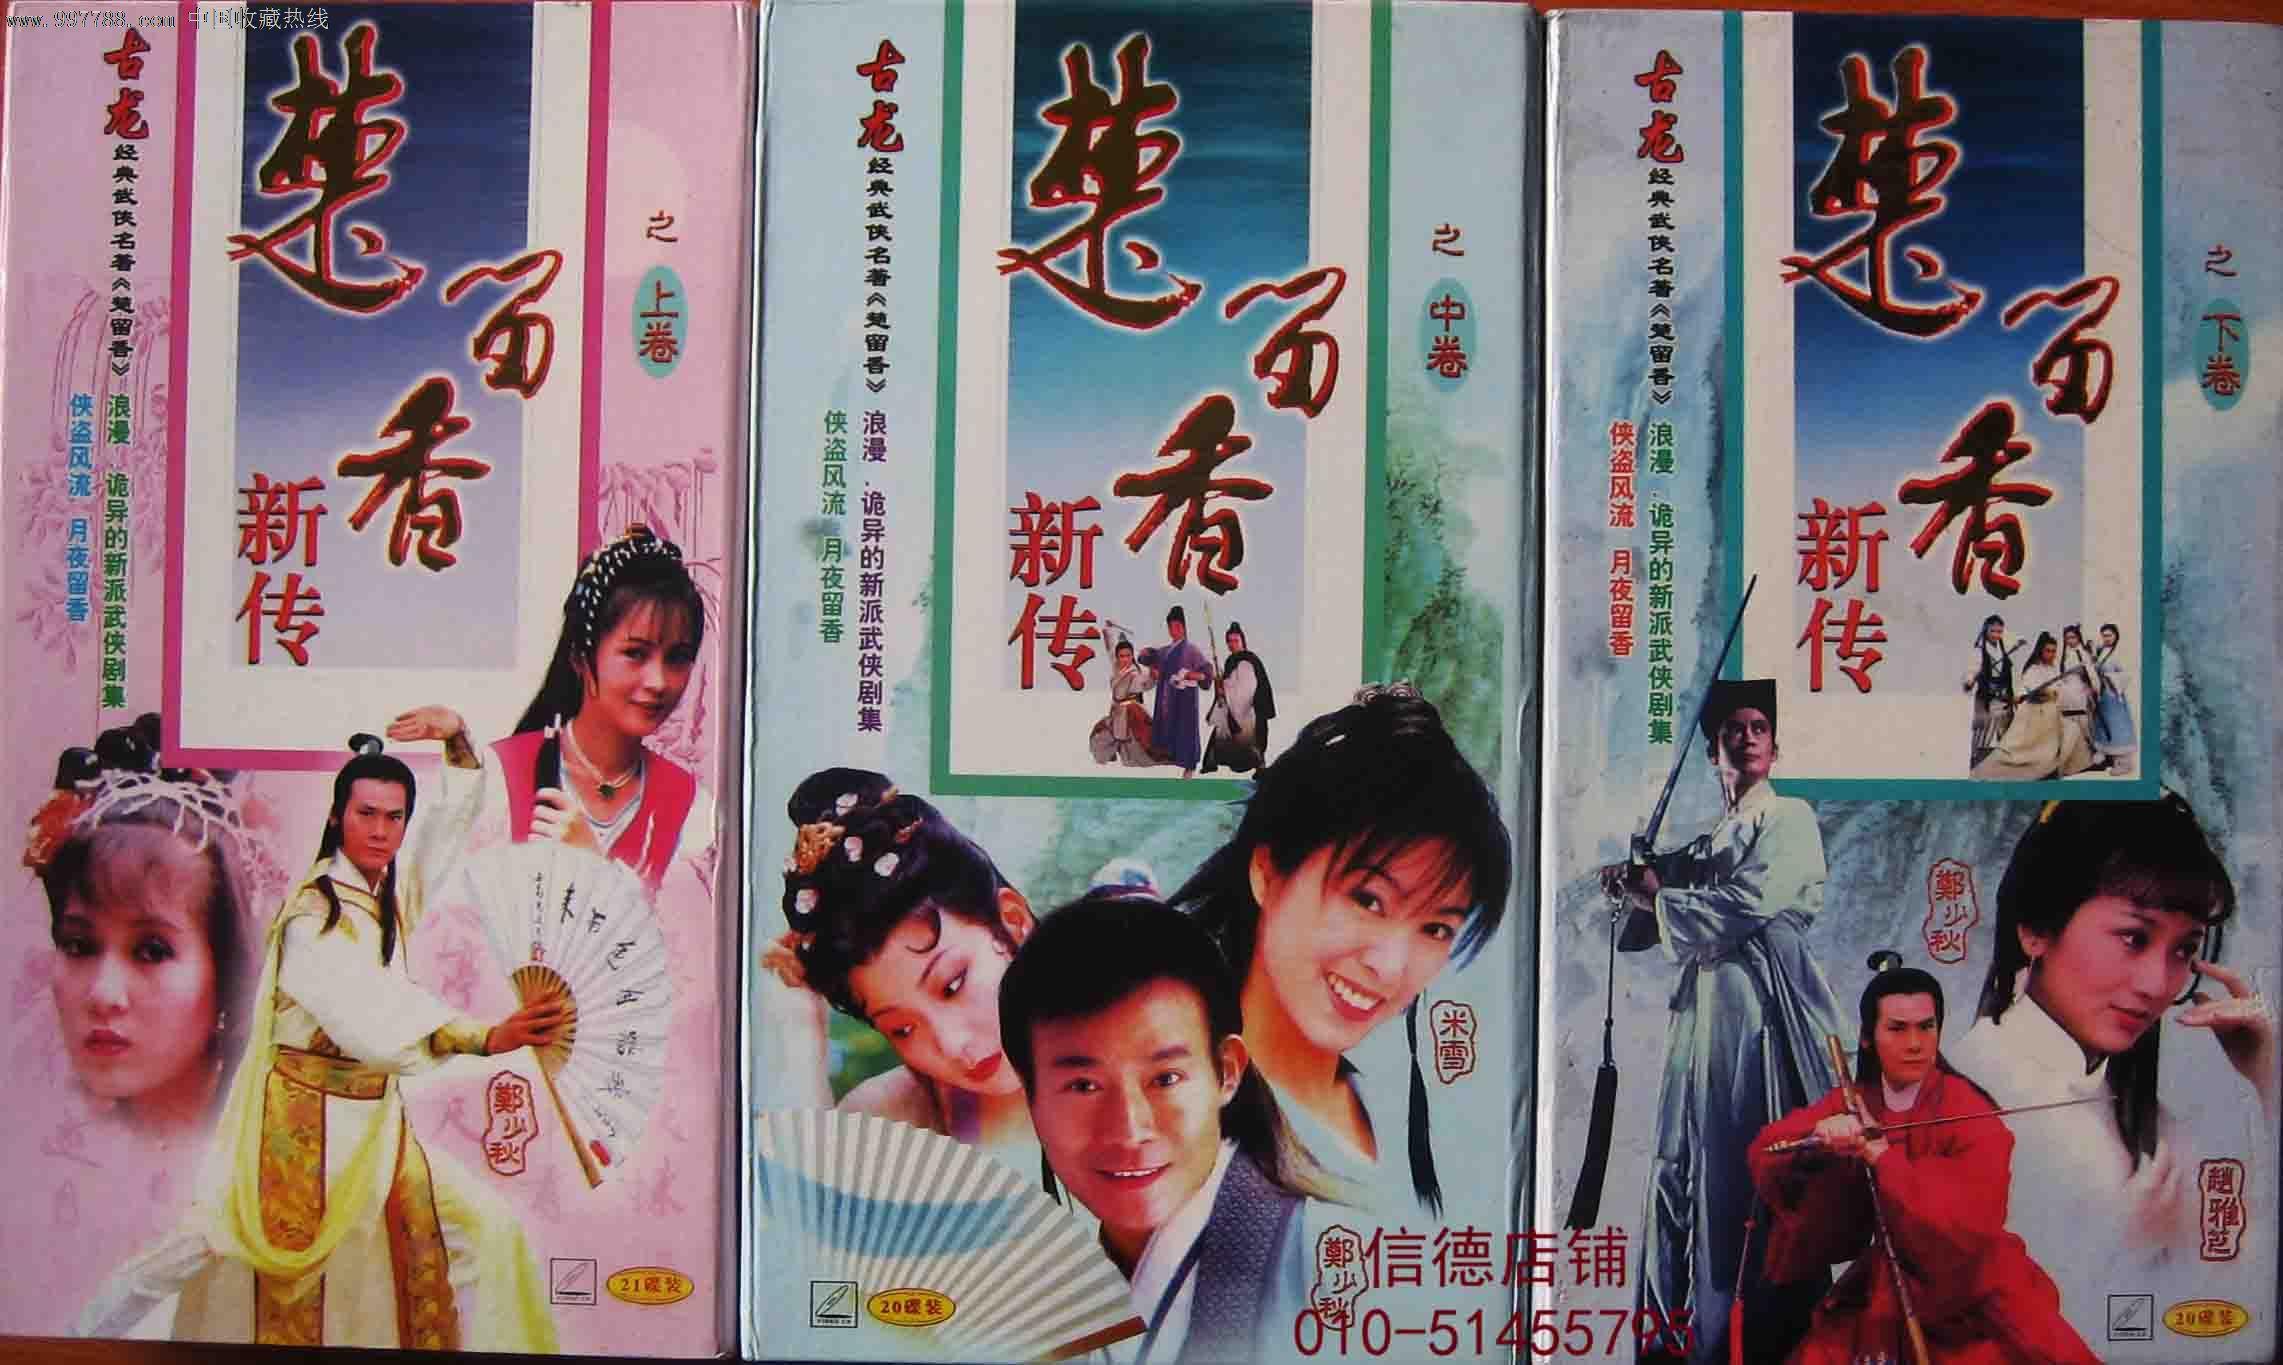 近十品郑少秋版《楚留香新传》全套3大盒61碟VCD-se14862714-VCD\/DVD-零售-7788收藏__中国收藏热线